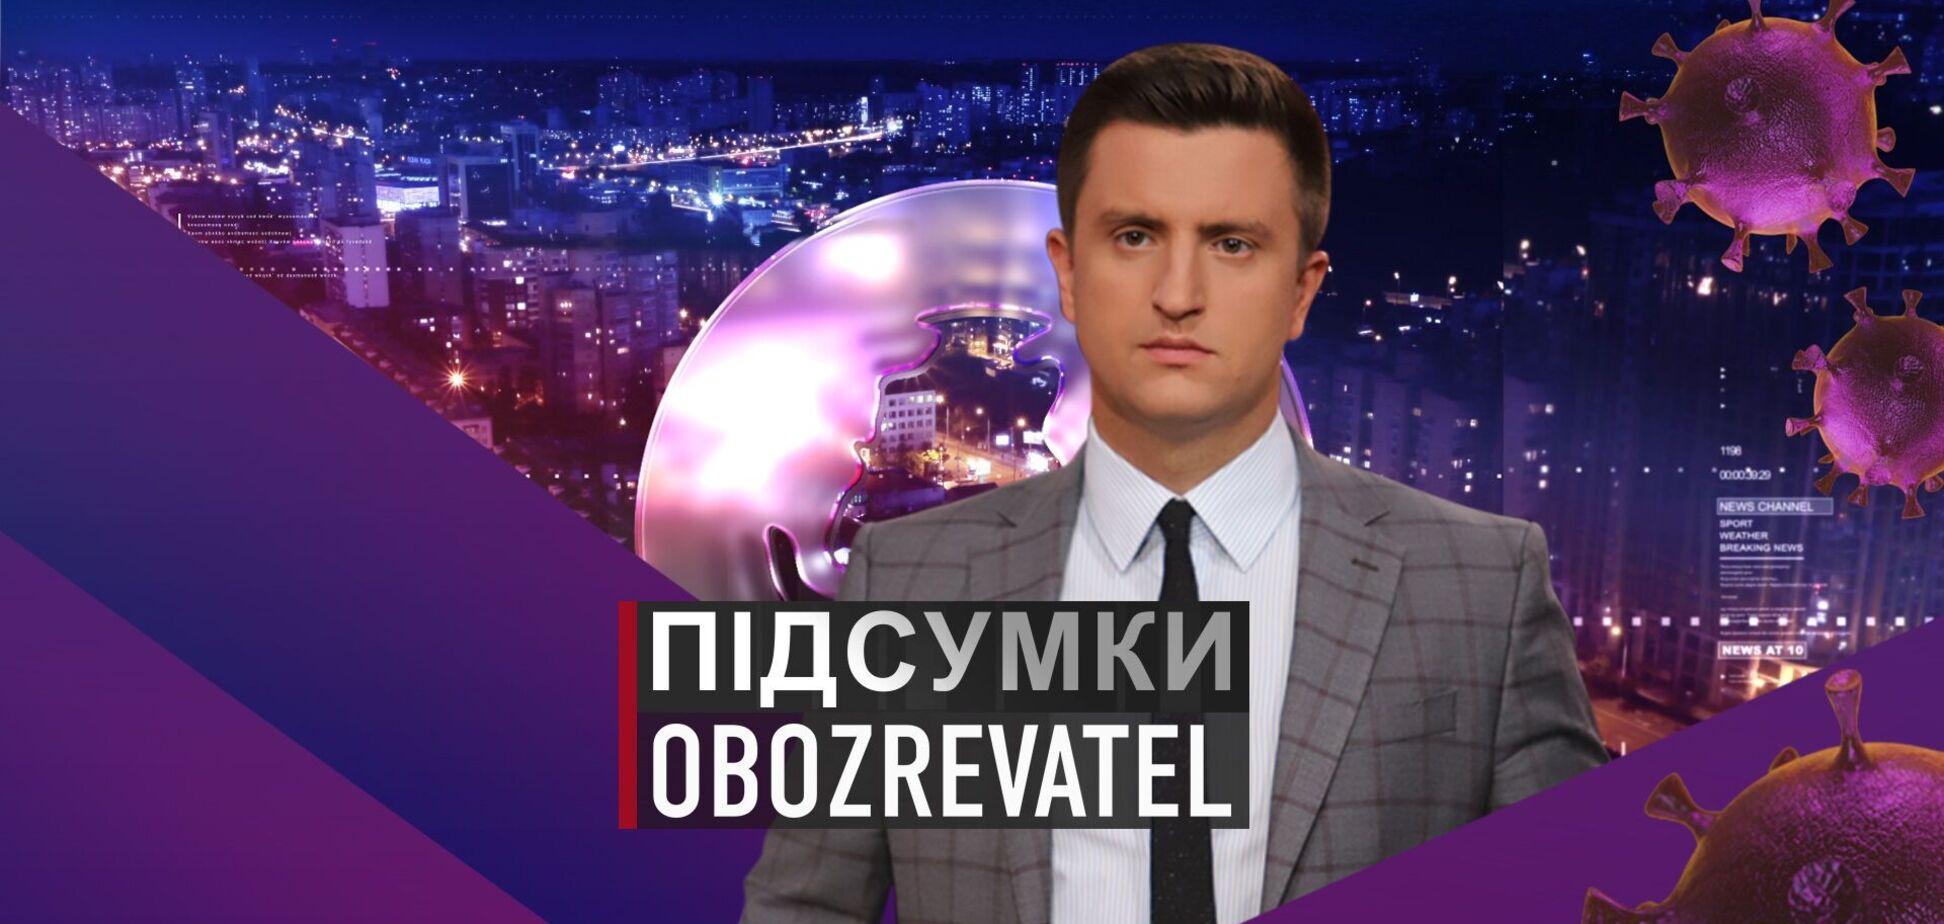 Підсумки з Вадимом Колодійчуком. Вівторок, 27 липня